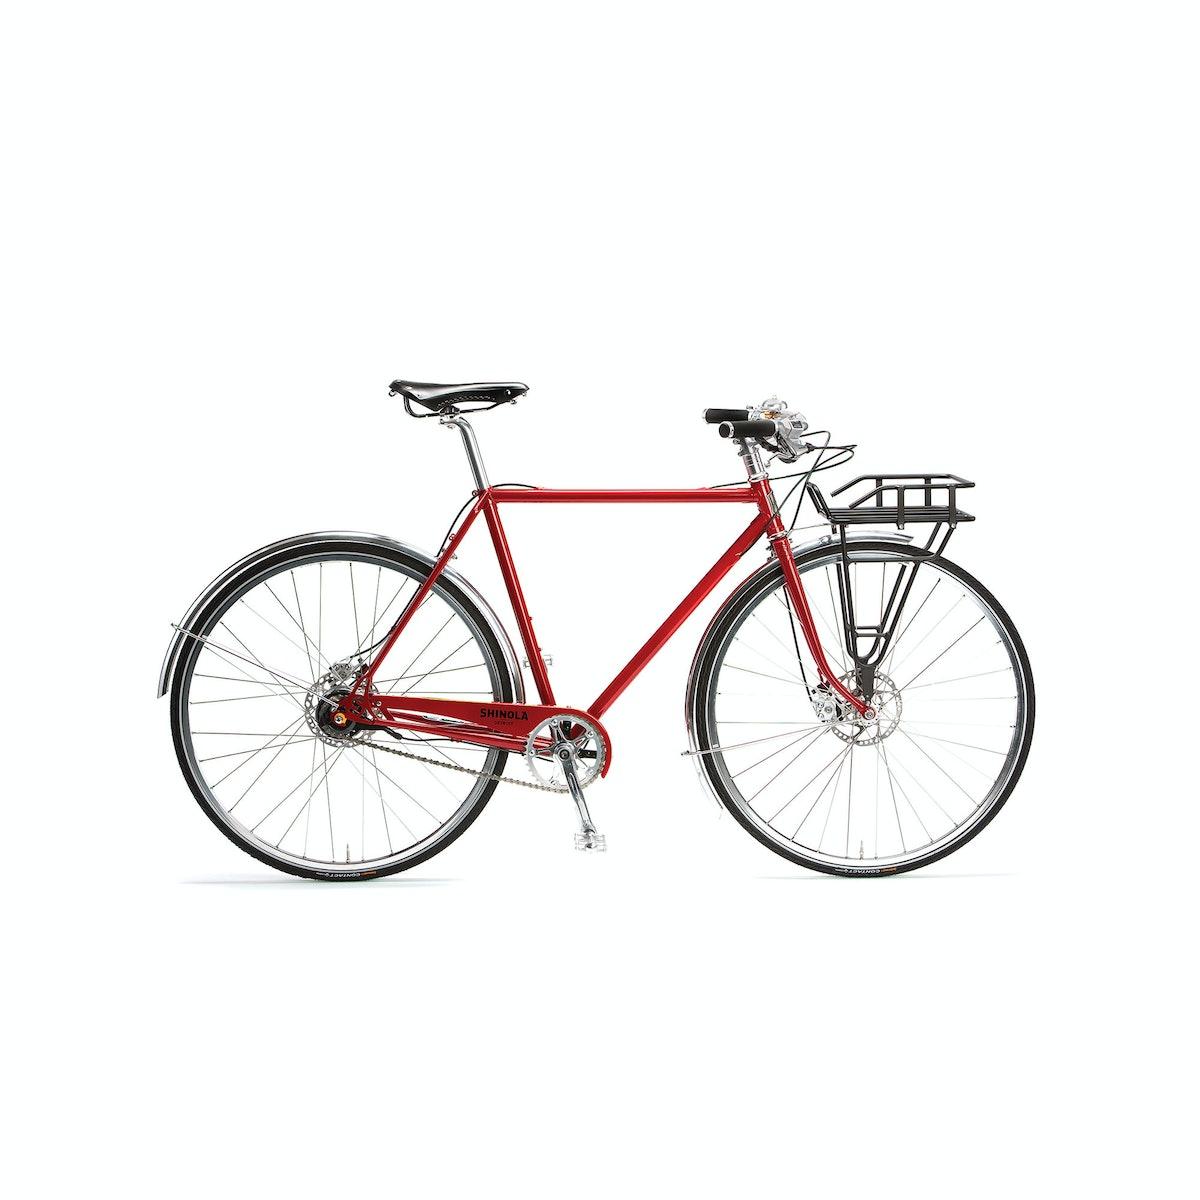 3.-SHINOLA-$2950-SHINOLA.COM